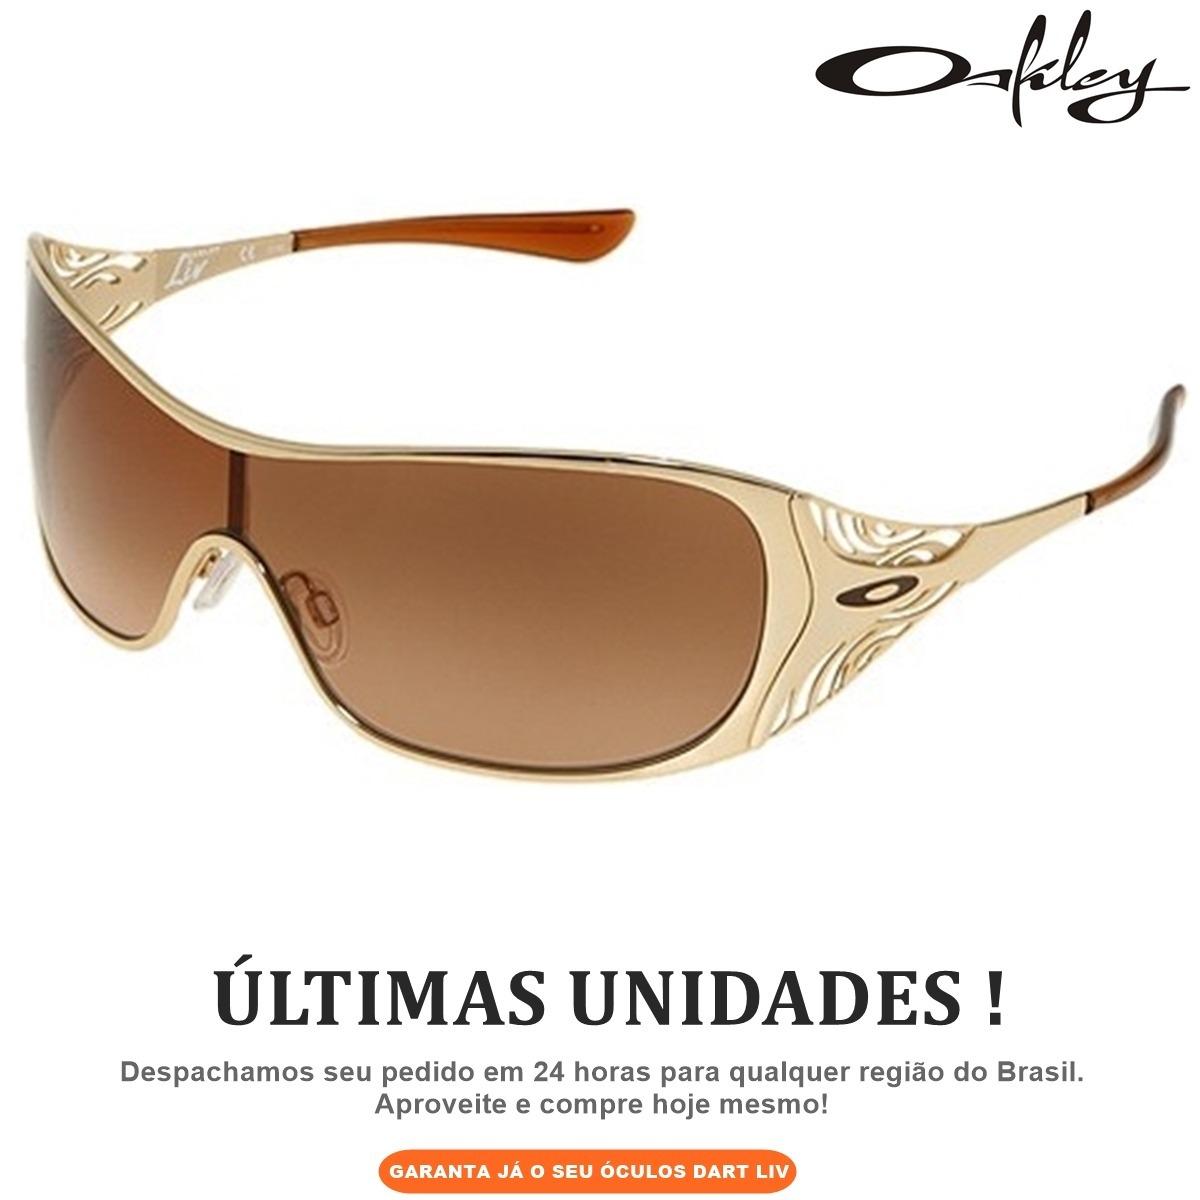 Óculos Oakley Dart Liv Fem masc Por Apenas R 89,99 - R  89,99 em ... c68a6519b9